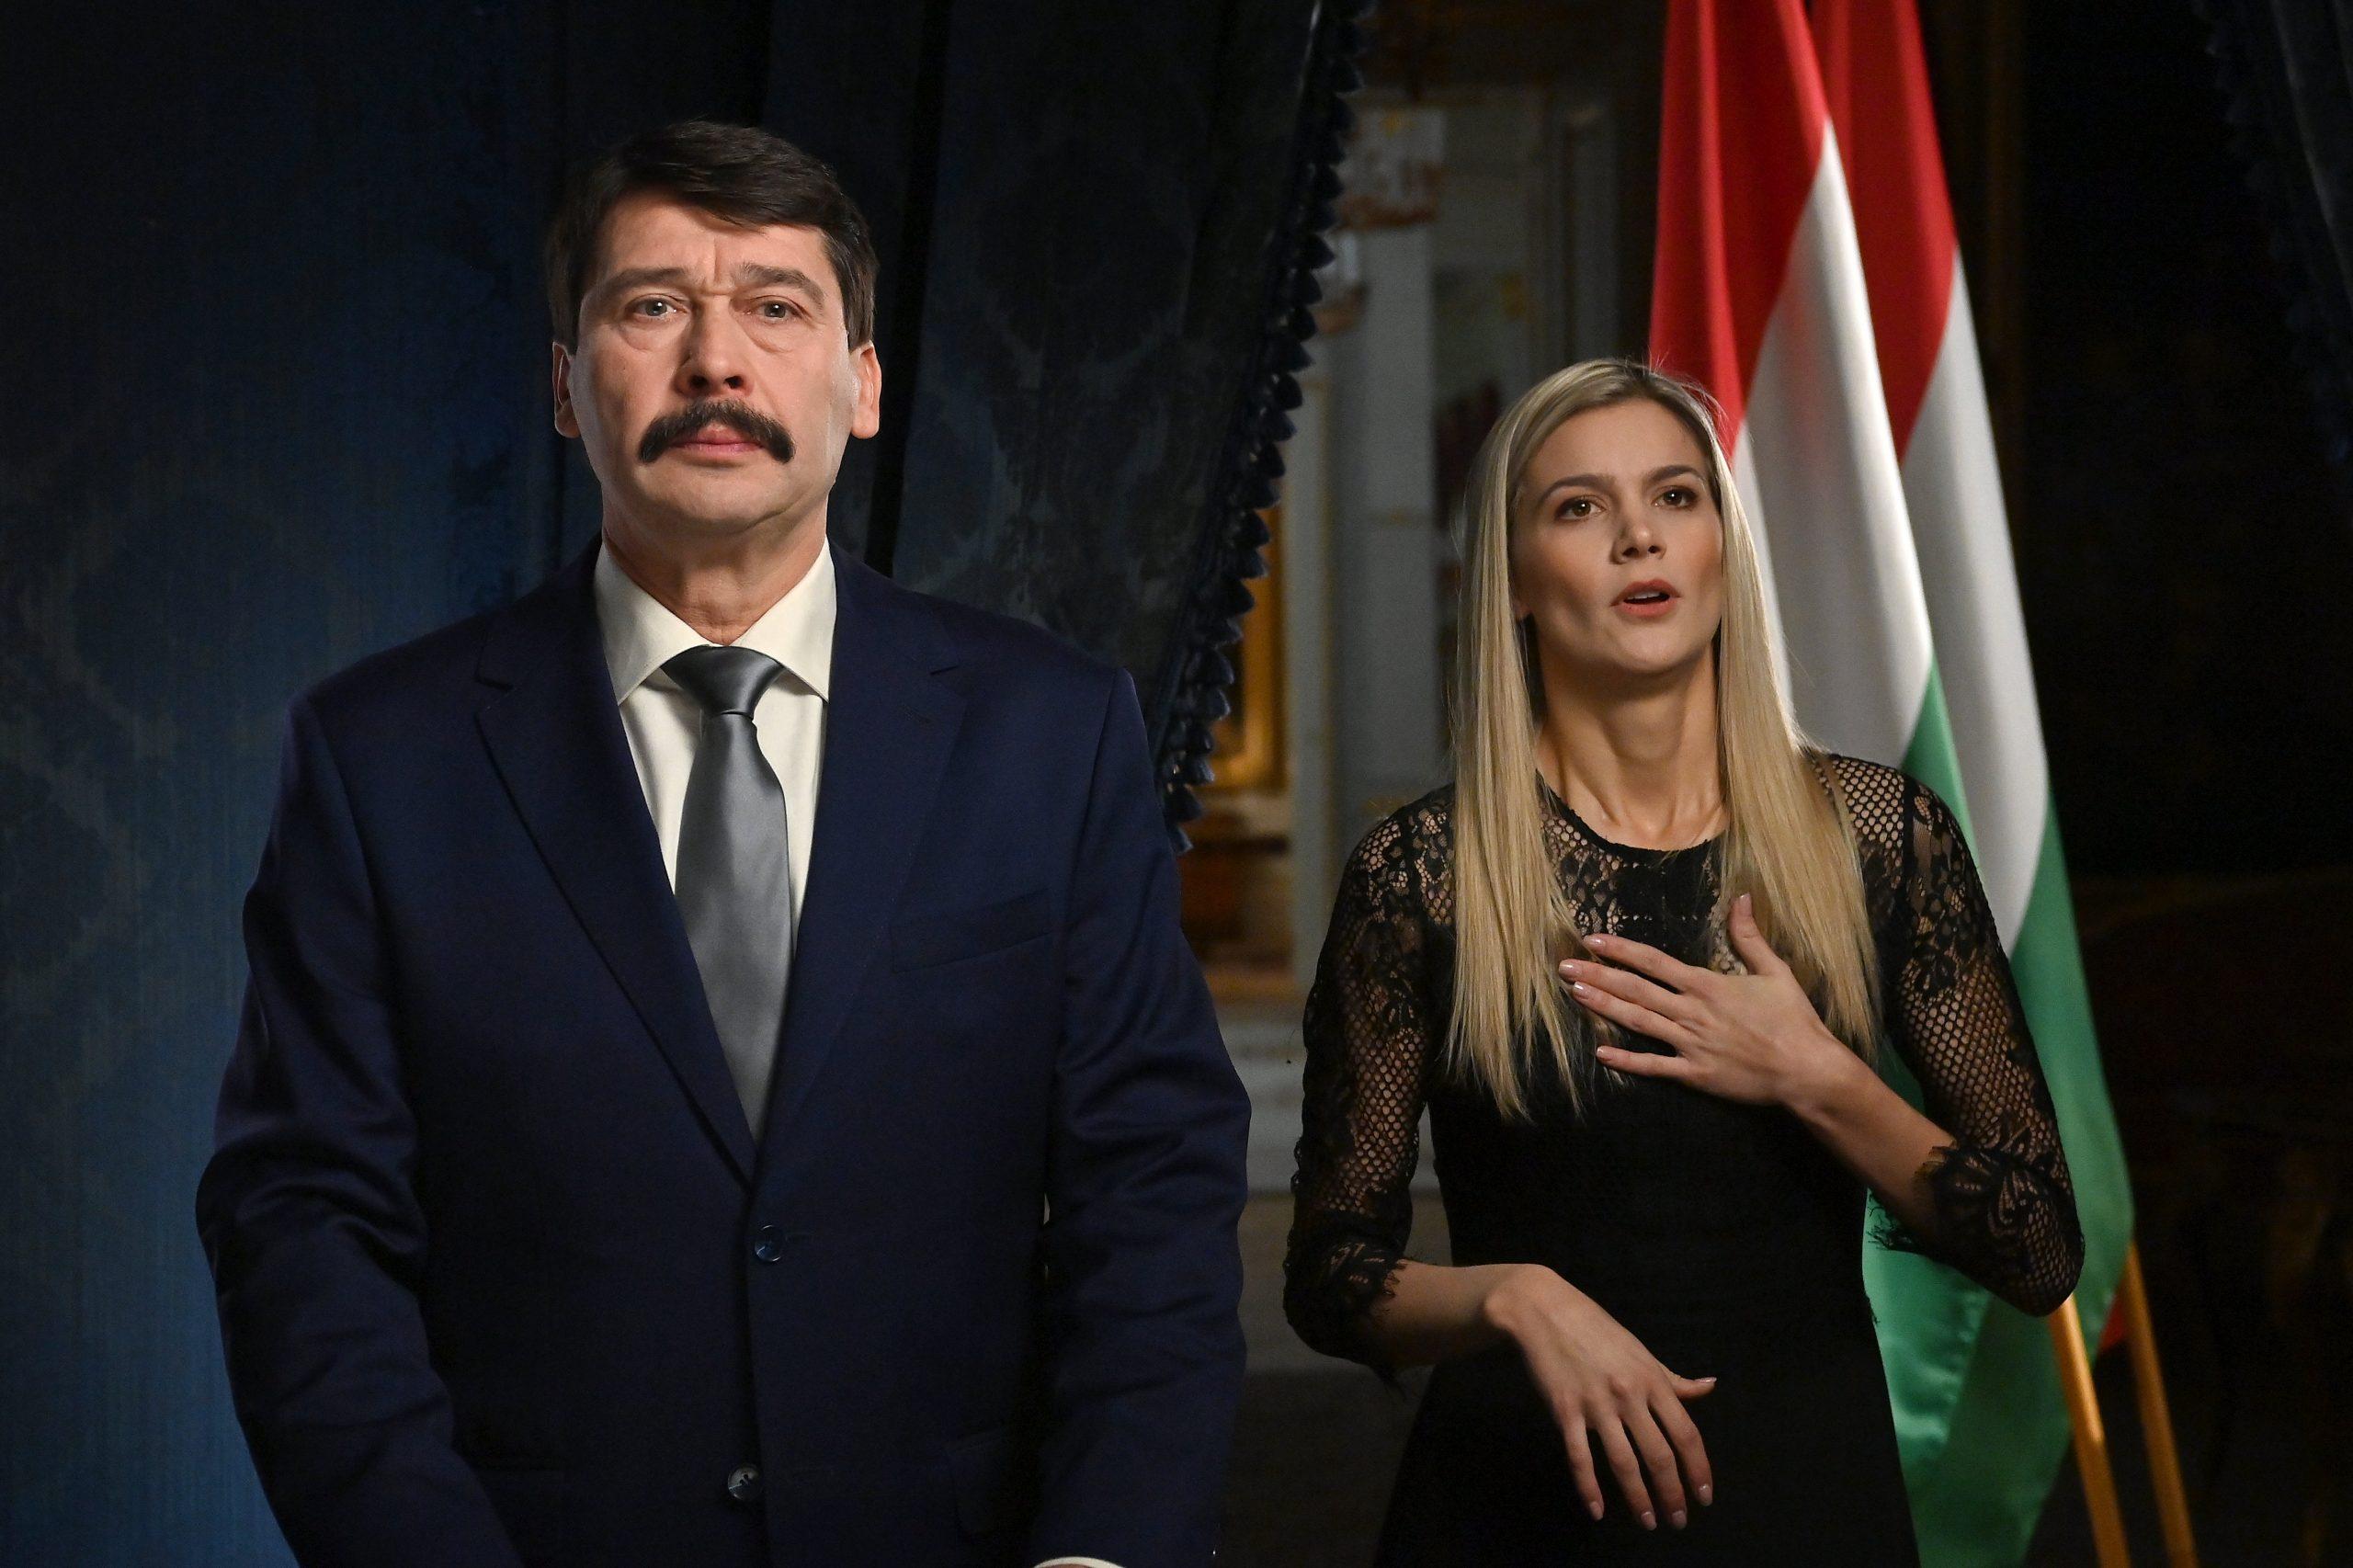 President Áder: Let Us Be Grateful for Lives Saved